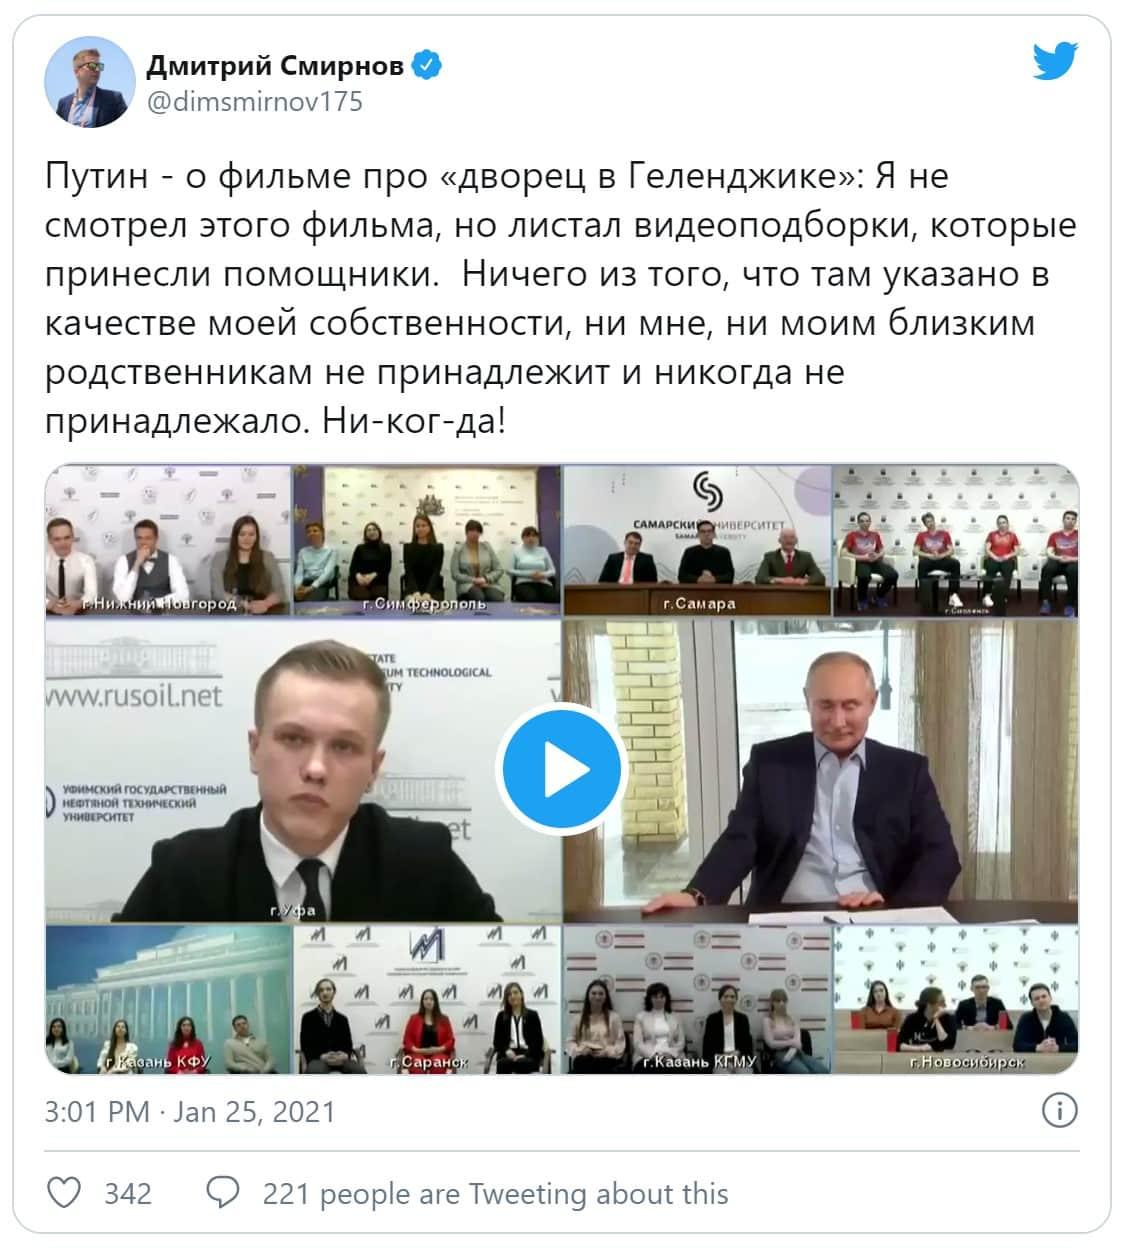 «Дворец мне не принадлежит»: Путин прокомментировал фильм Навального о «дворце» в Геленджике